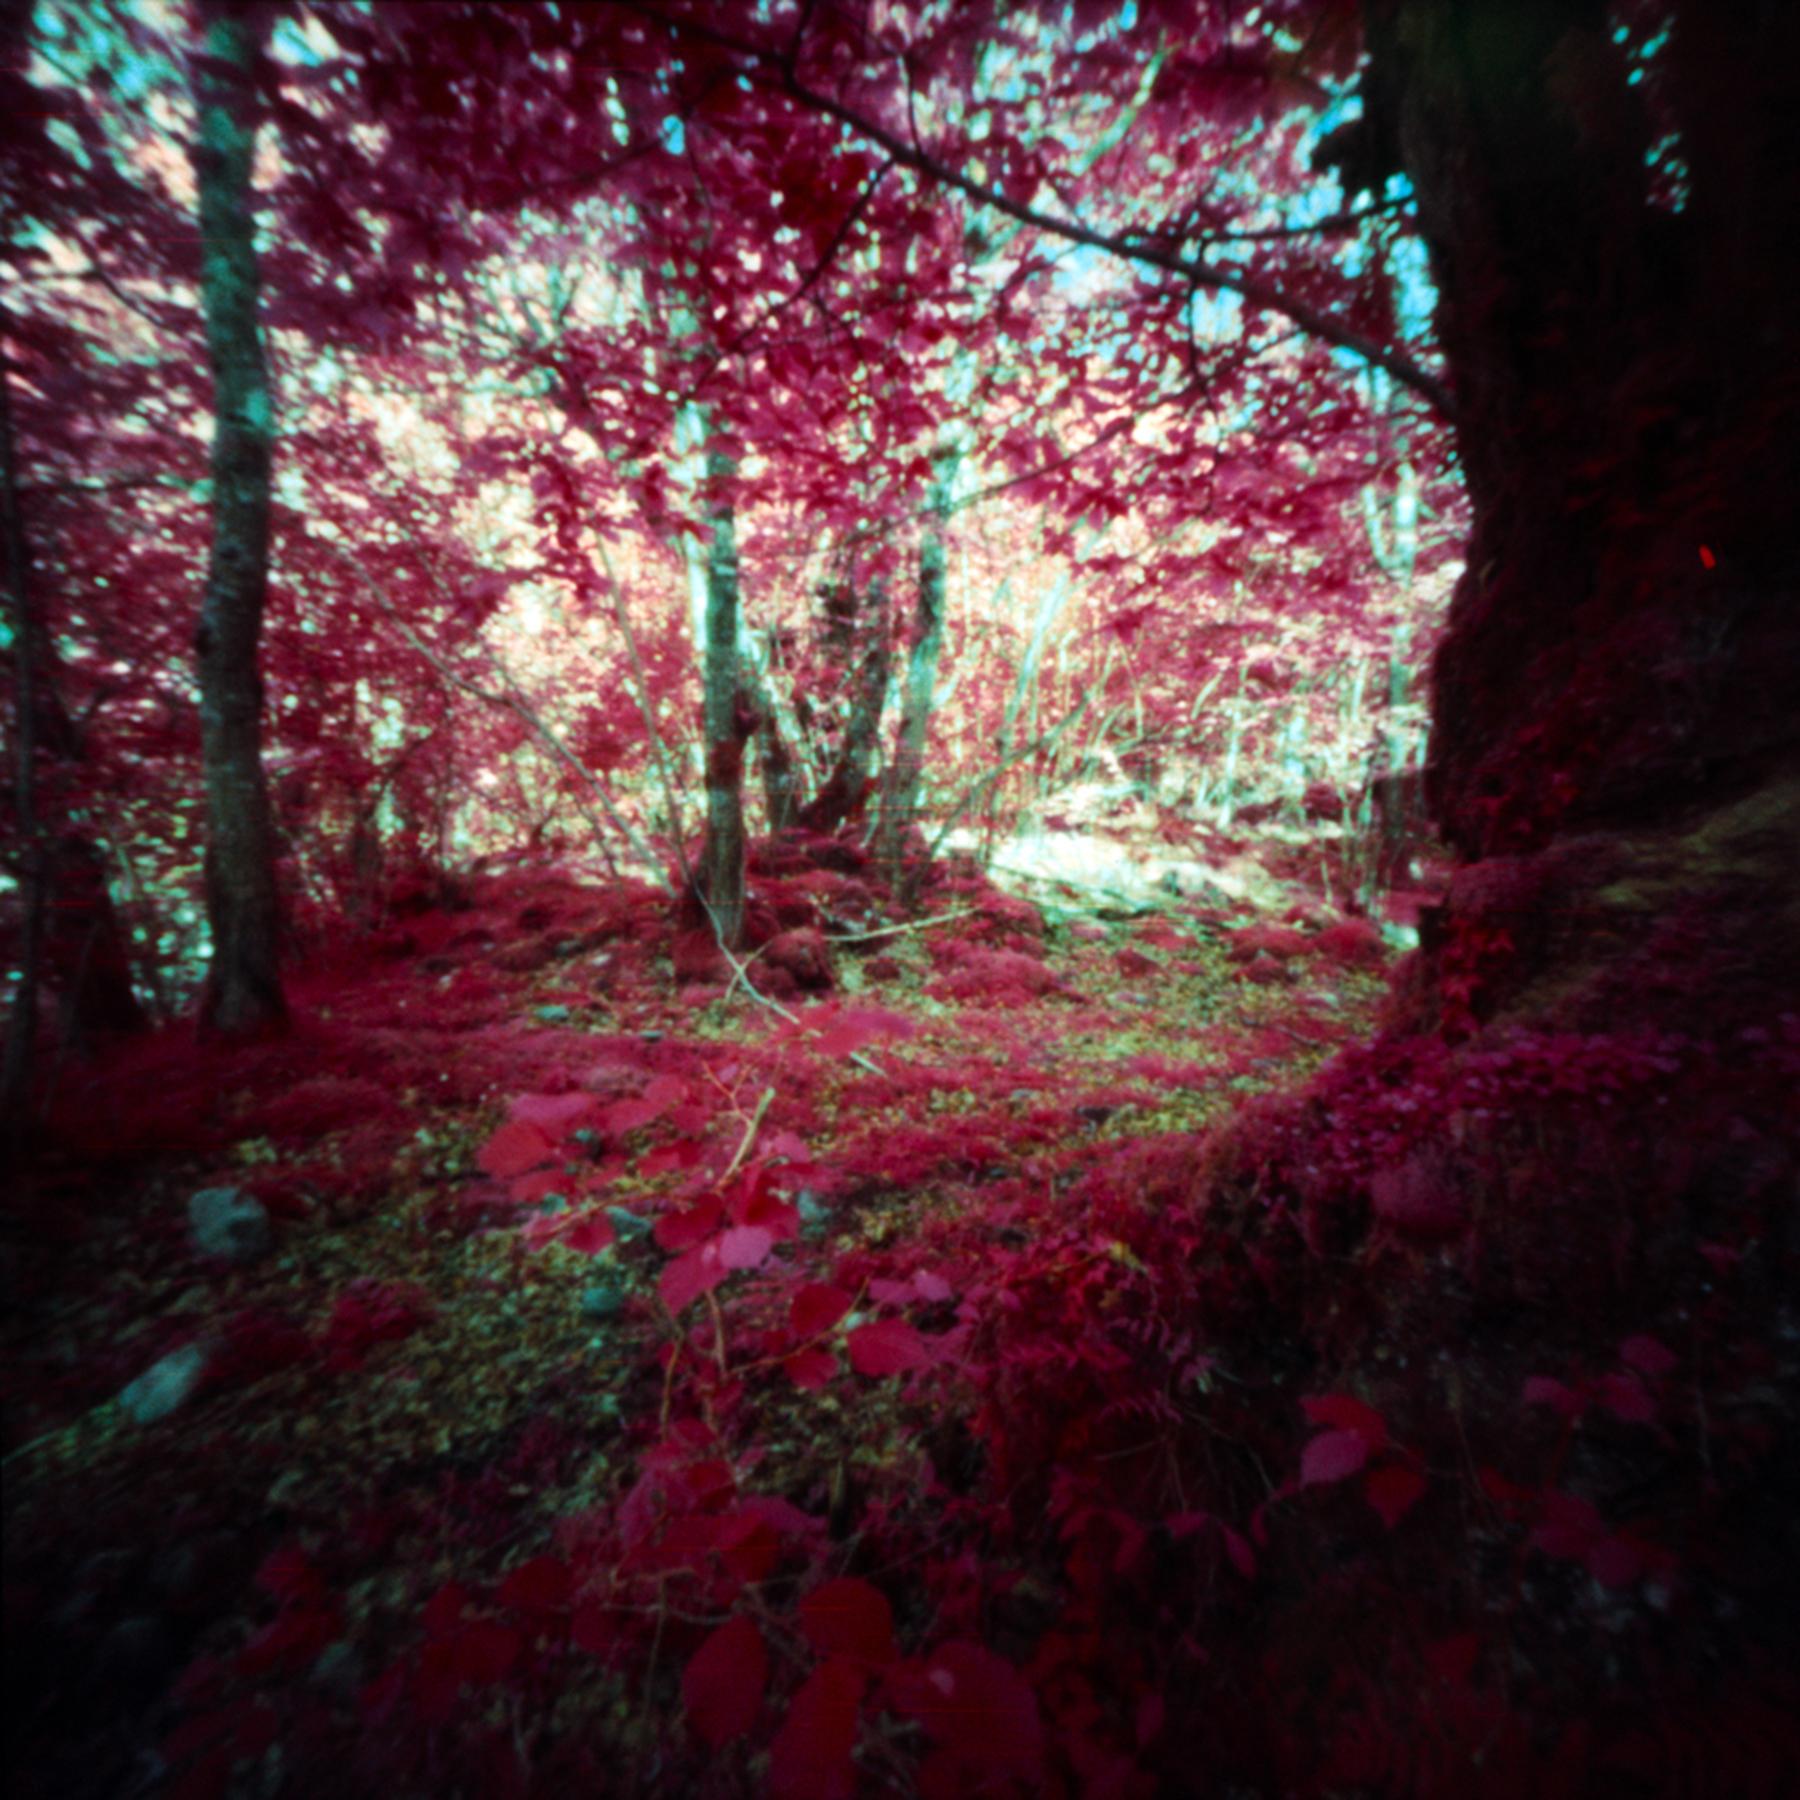 Woods in Red  Digna 6x6 Pinhole  Kodak EIR Aerochrome  Jesús Joglar